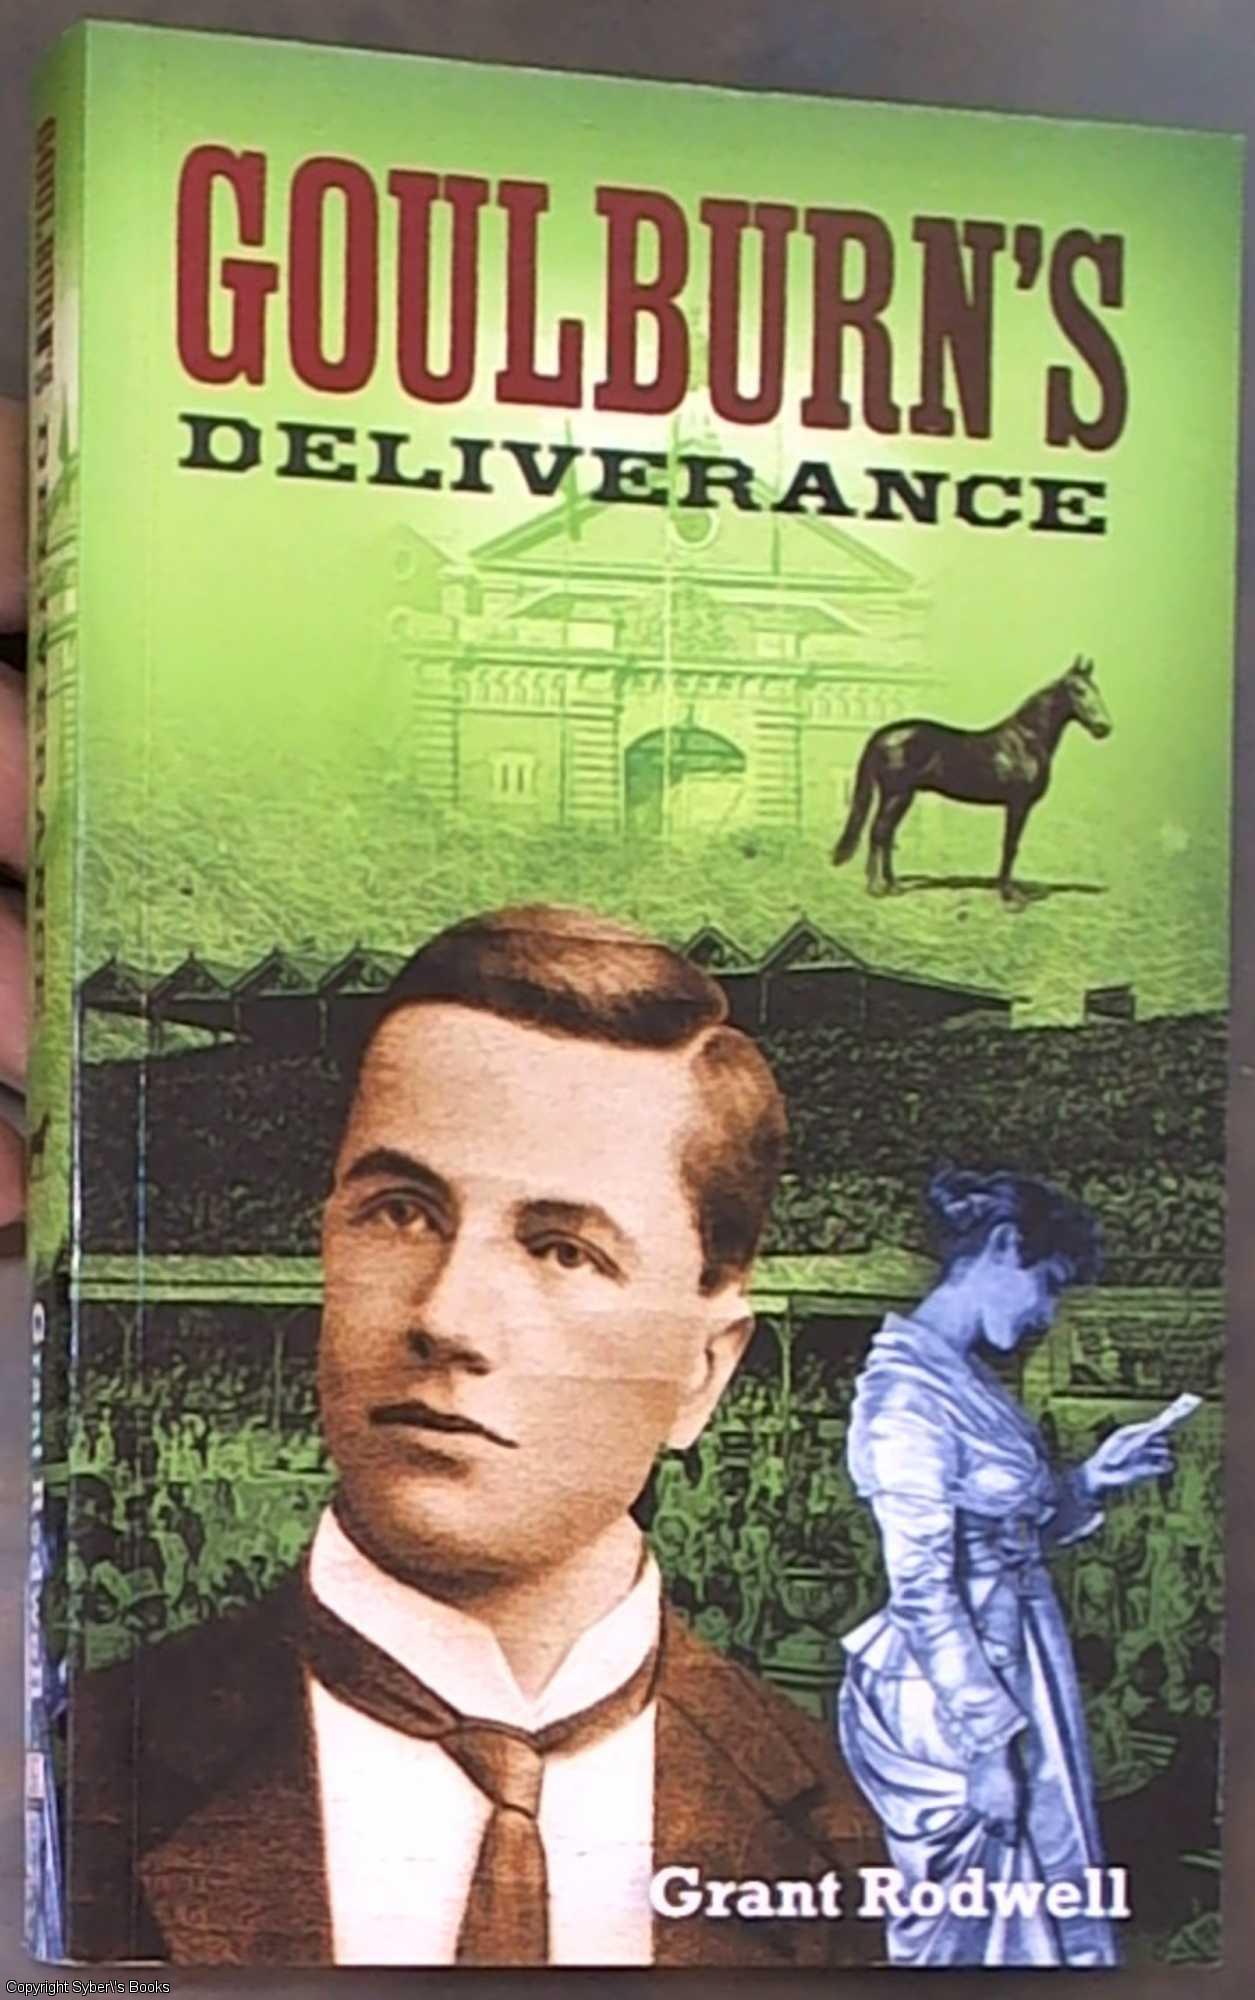 Goulburn's deliverance